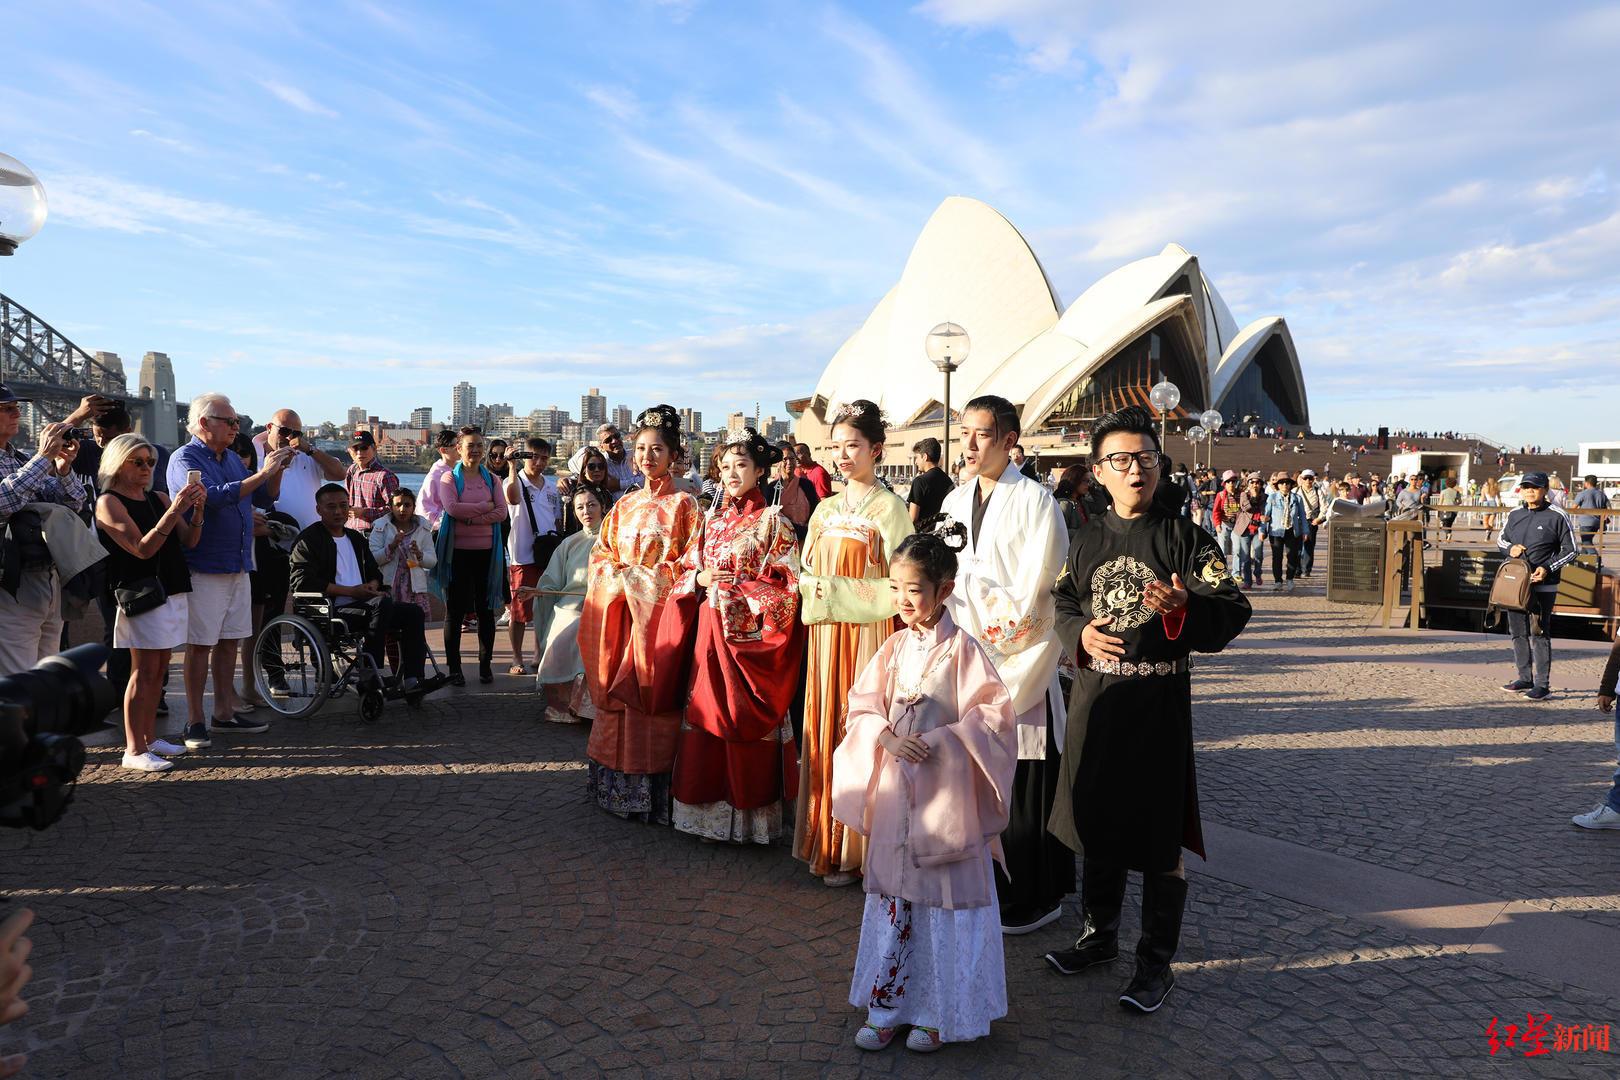 汉服快闪亮相澳大利亚 齐唱《我和我的祖国》感动无数人